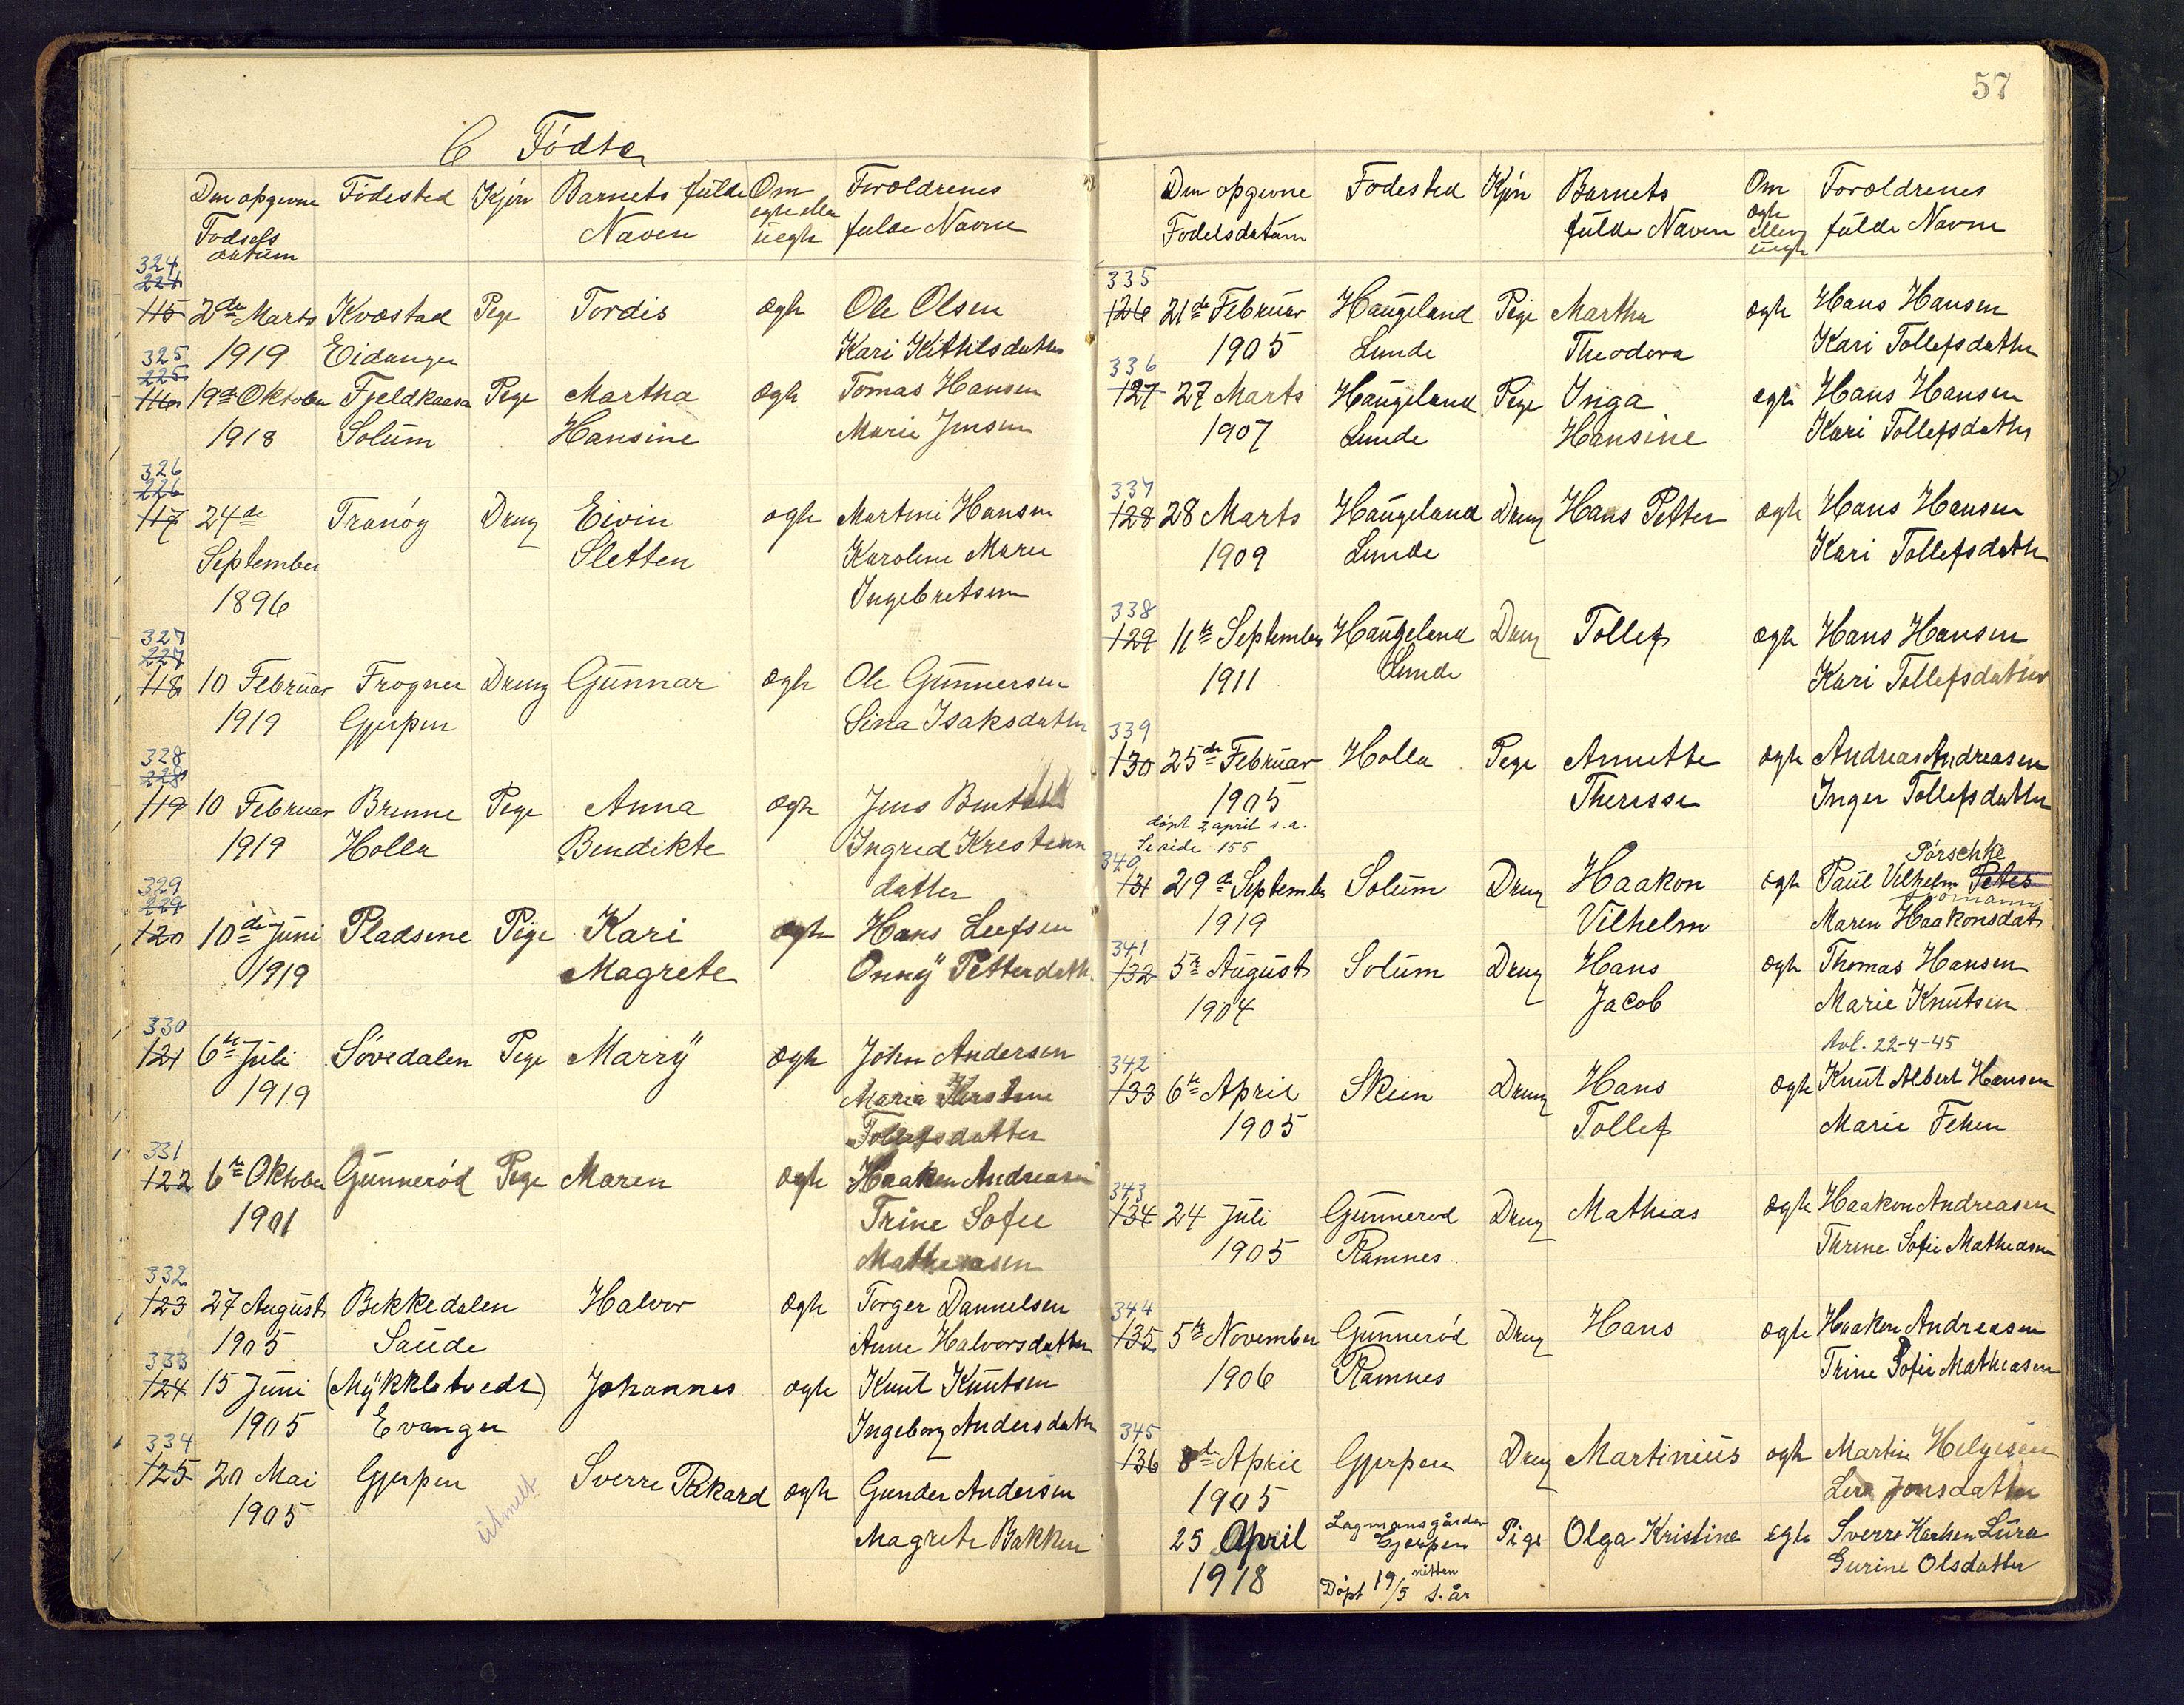 SAKO, Den evangelisk lutherske frimenighet i Jarlsbergs grevskap med flere steder, F/Fb/L0002: Dissenterprotokoll nr. Fa/L0002, 1906-1922, s. 57